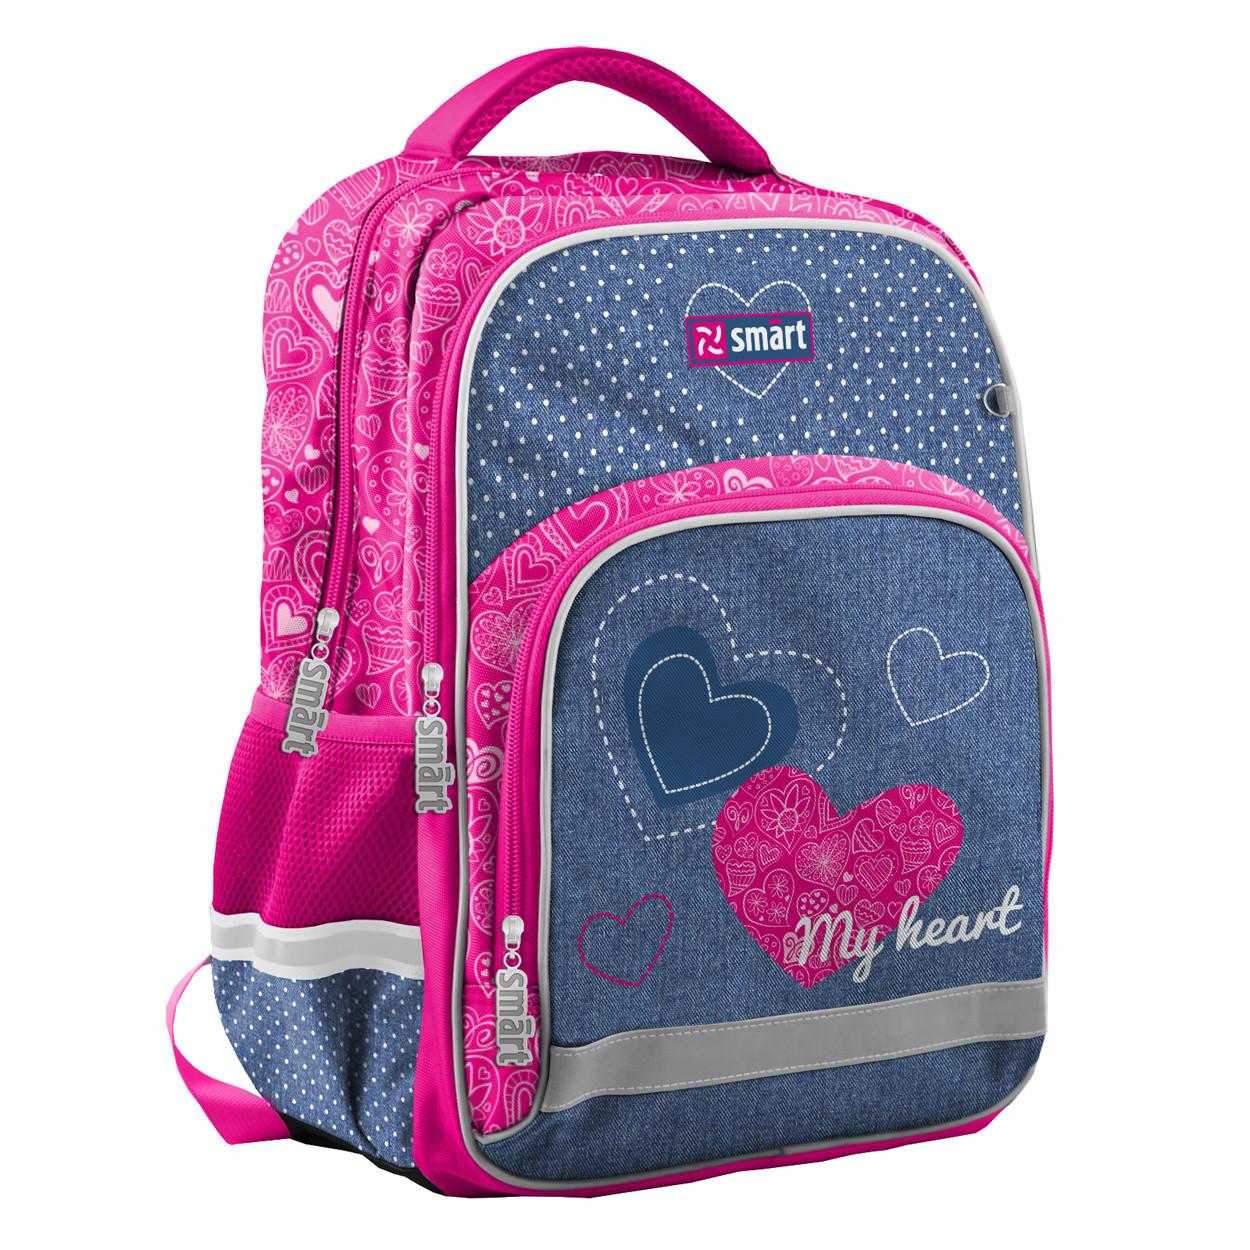 Школьный каркасный рюкзак для девочки  SMART SM-04 My heart 42х30х18см Розовый (558179)+Подарок 3 месяца пользования приложением Родительский контроль